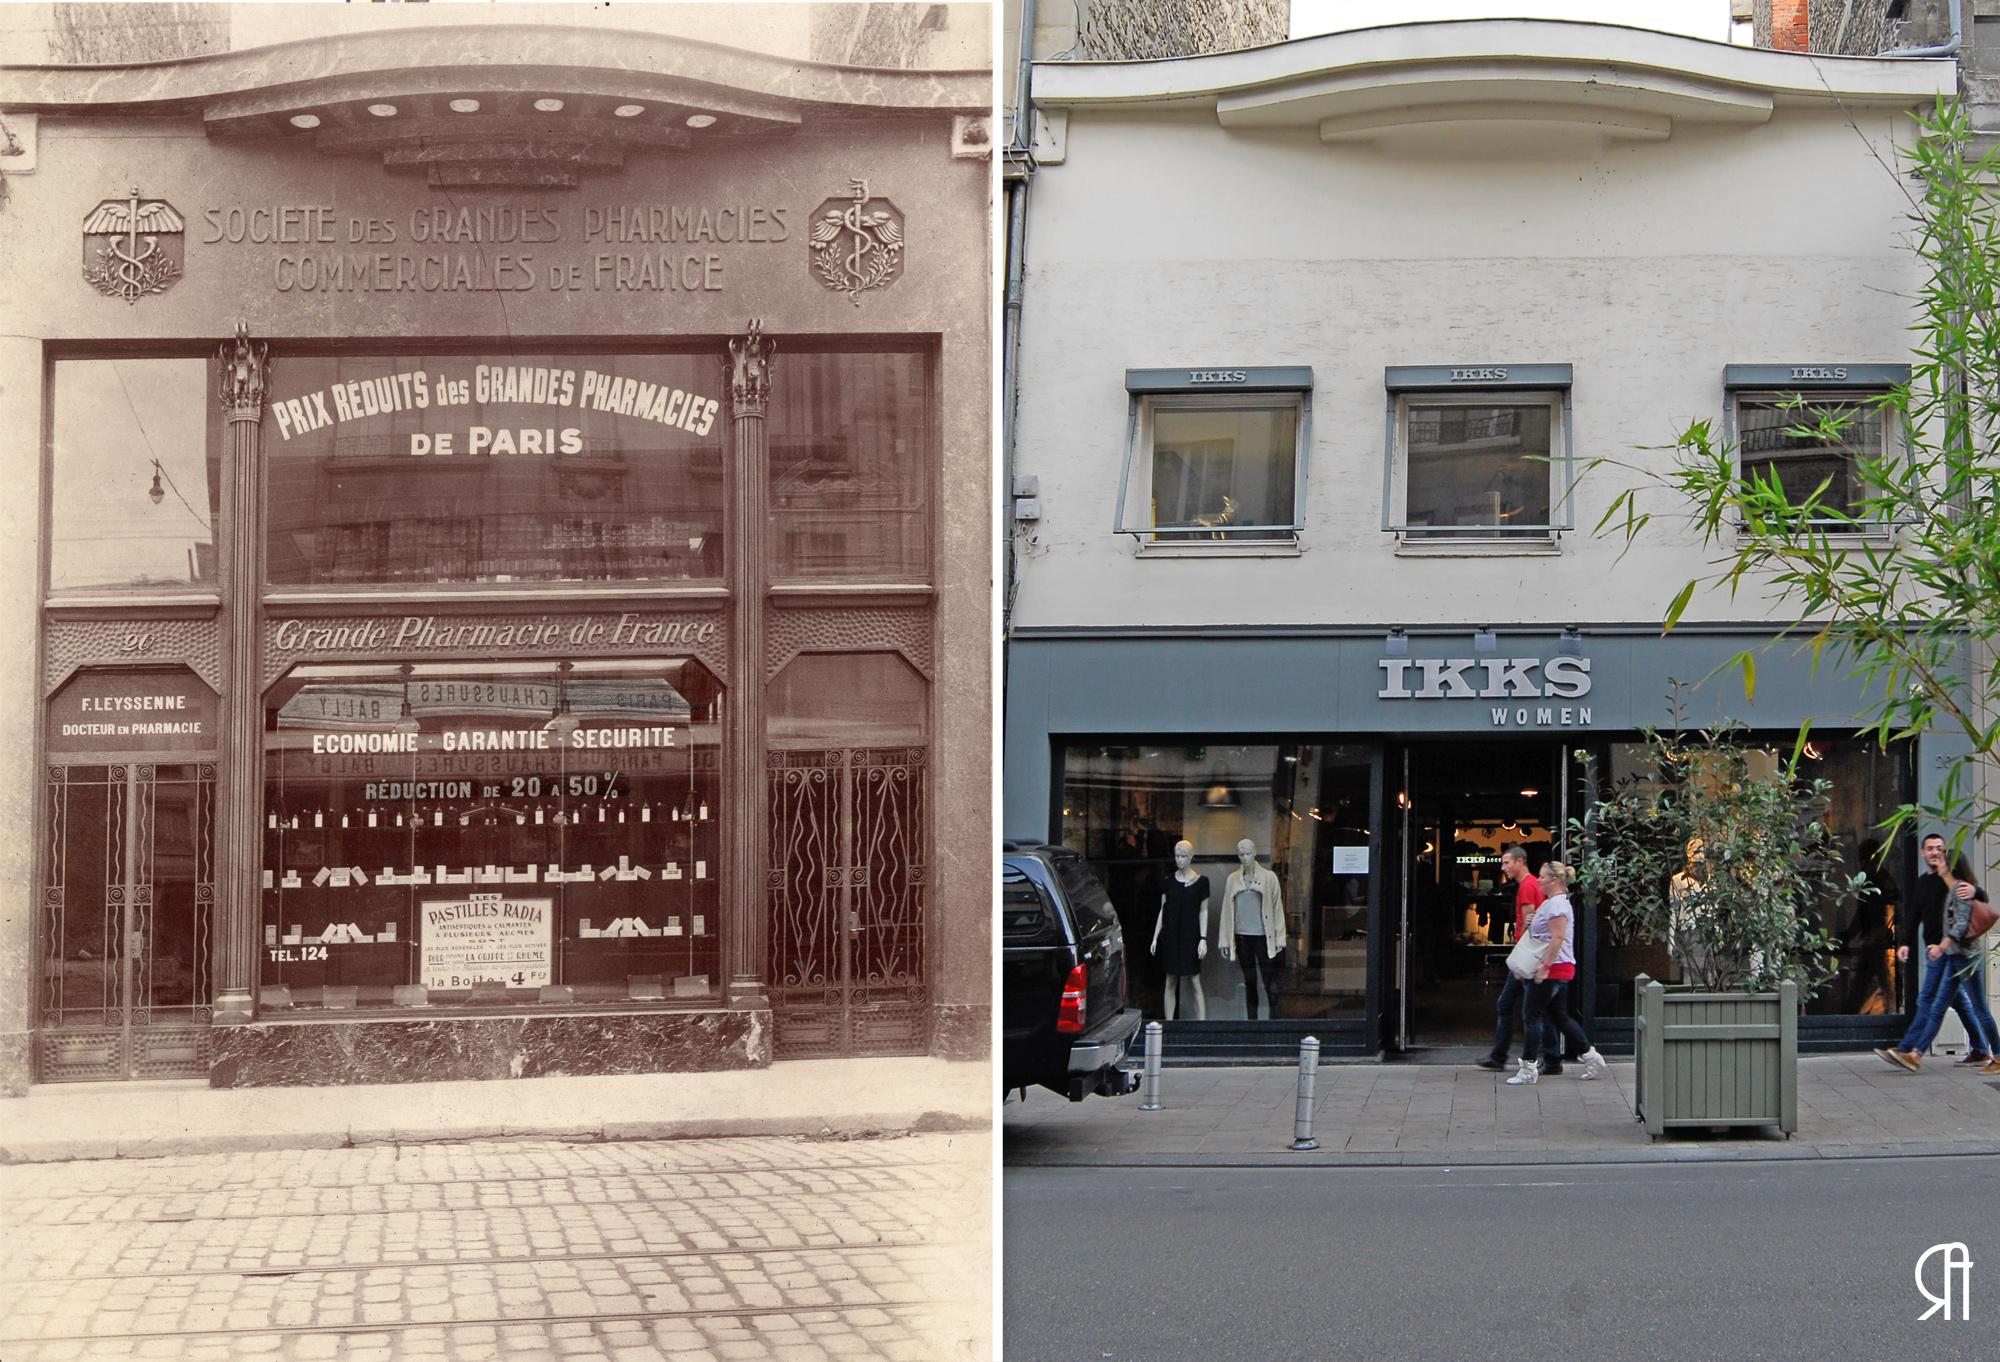 Société des Grandes Pharmacies commerciales de France, 20 rue de Talleyrand